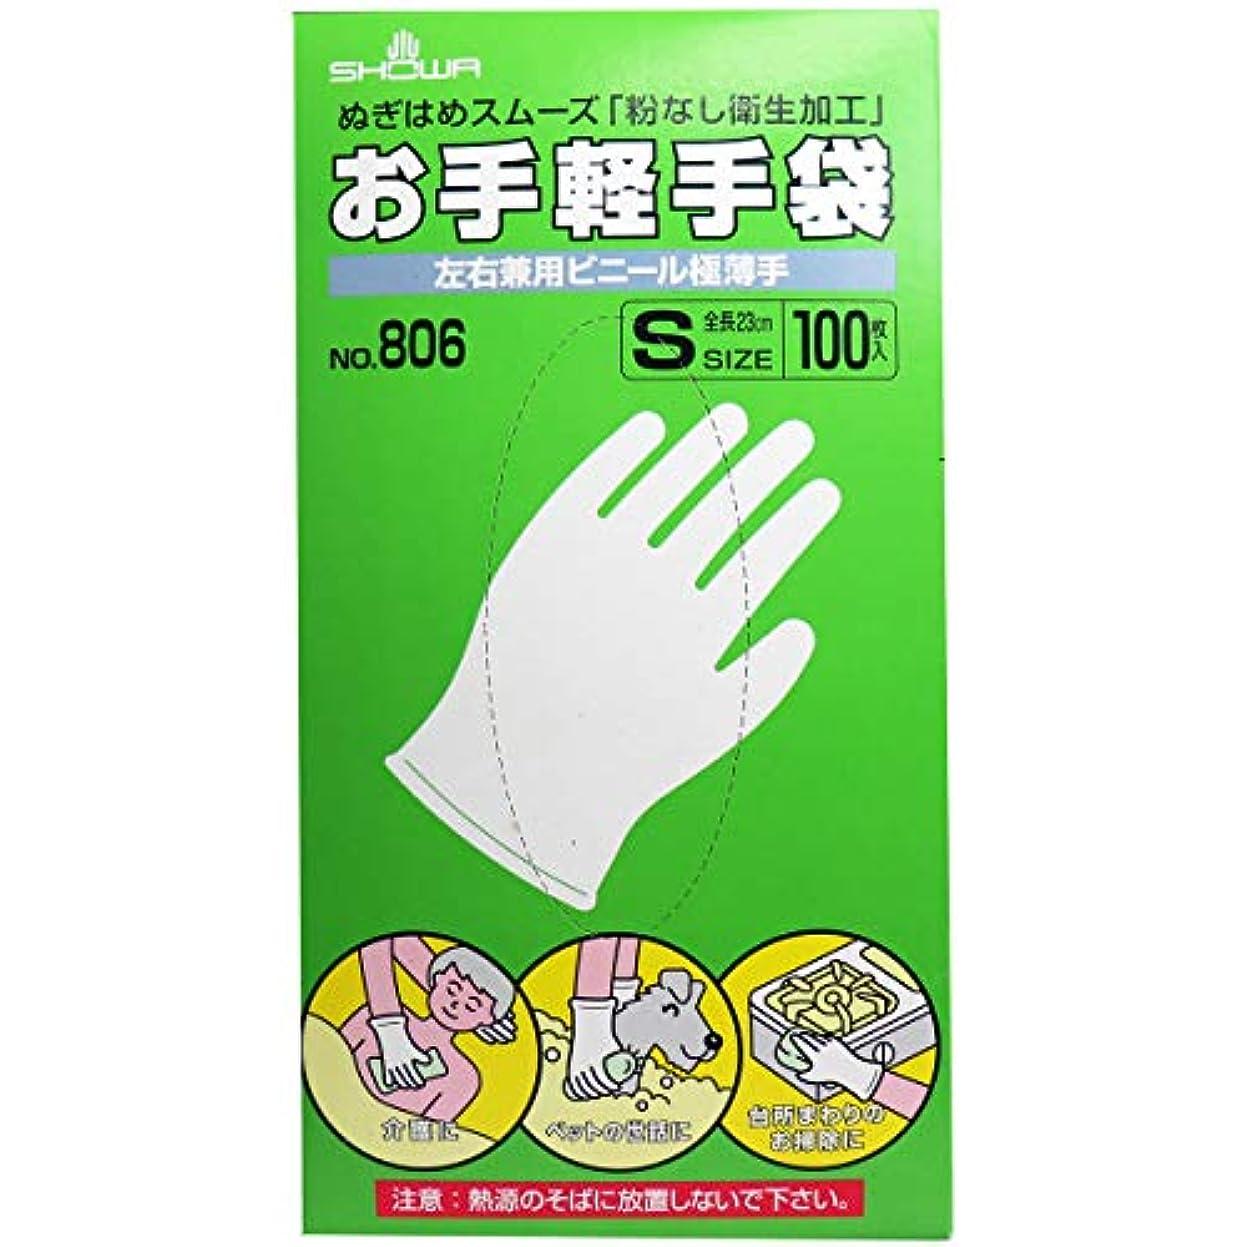 時間厳守新しさ親指お手軽手袋 No.806 左右兼用ビニール極薄手 粉なし Sサイズ 100枚入×2個セット